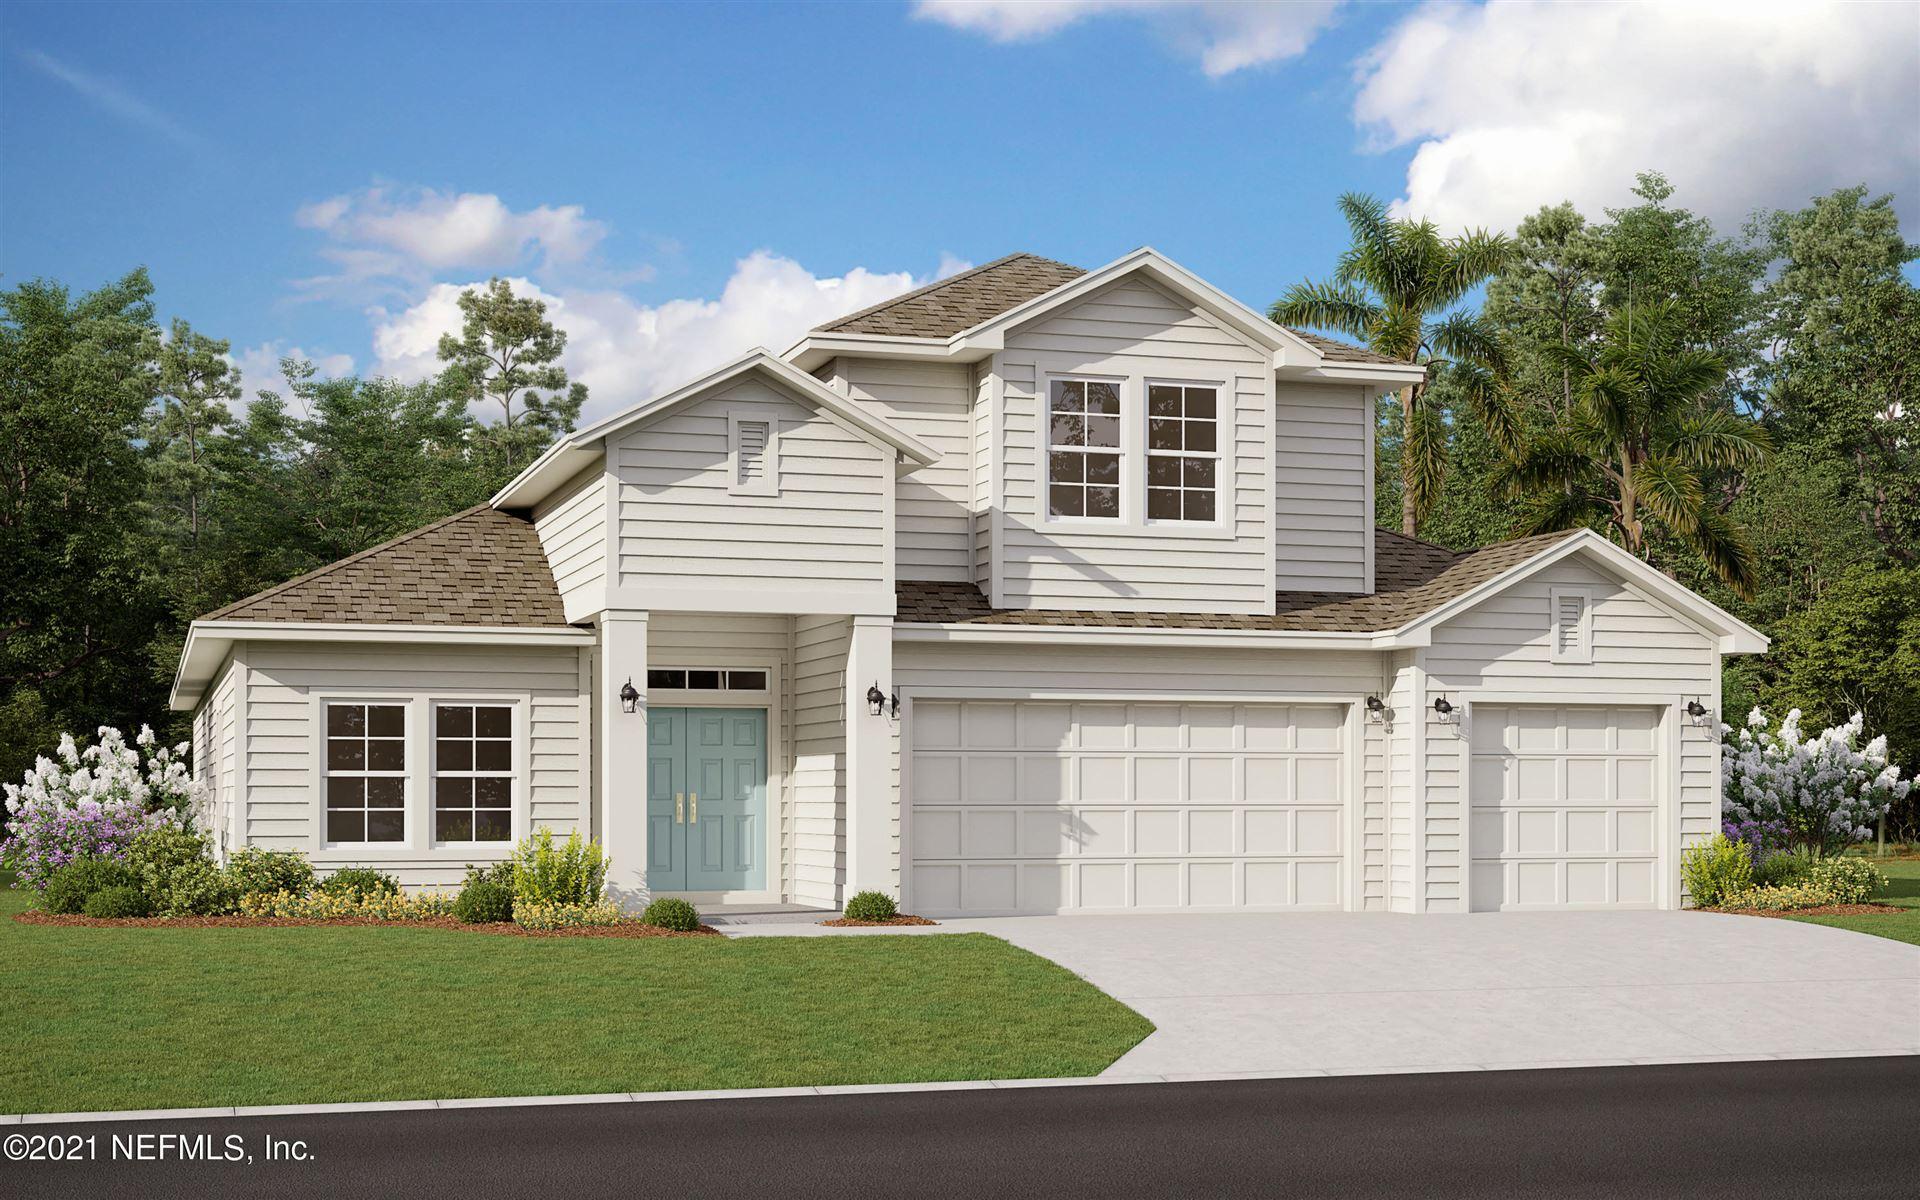 281 MARQUESA CIR #Lot No: 040, Fruit Cove, FL 32259 - MLS#: 1112659